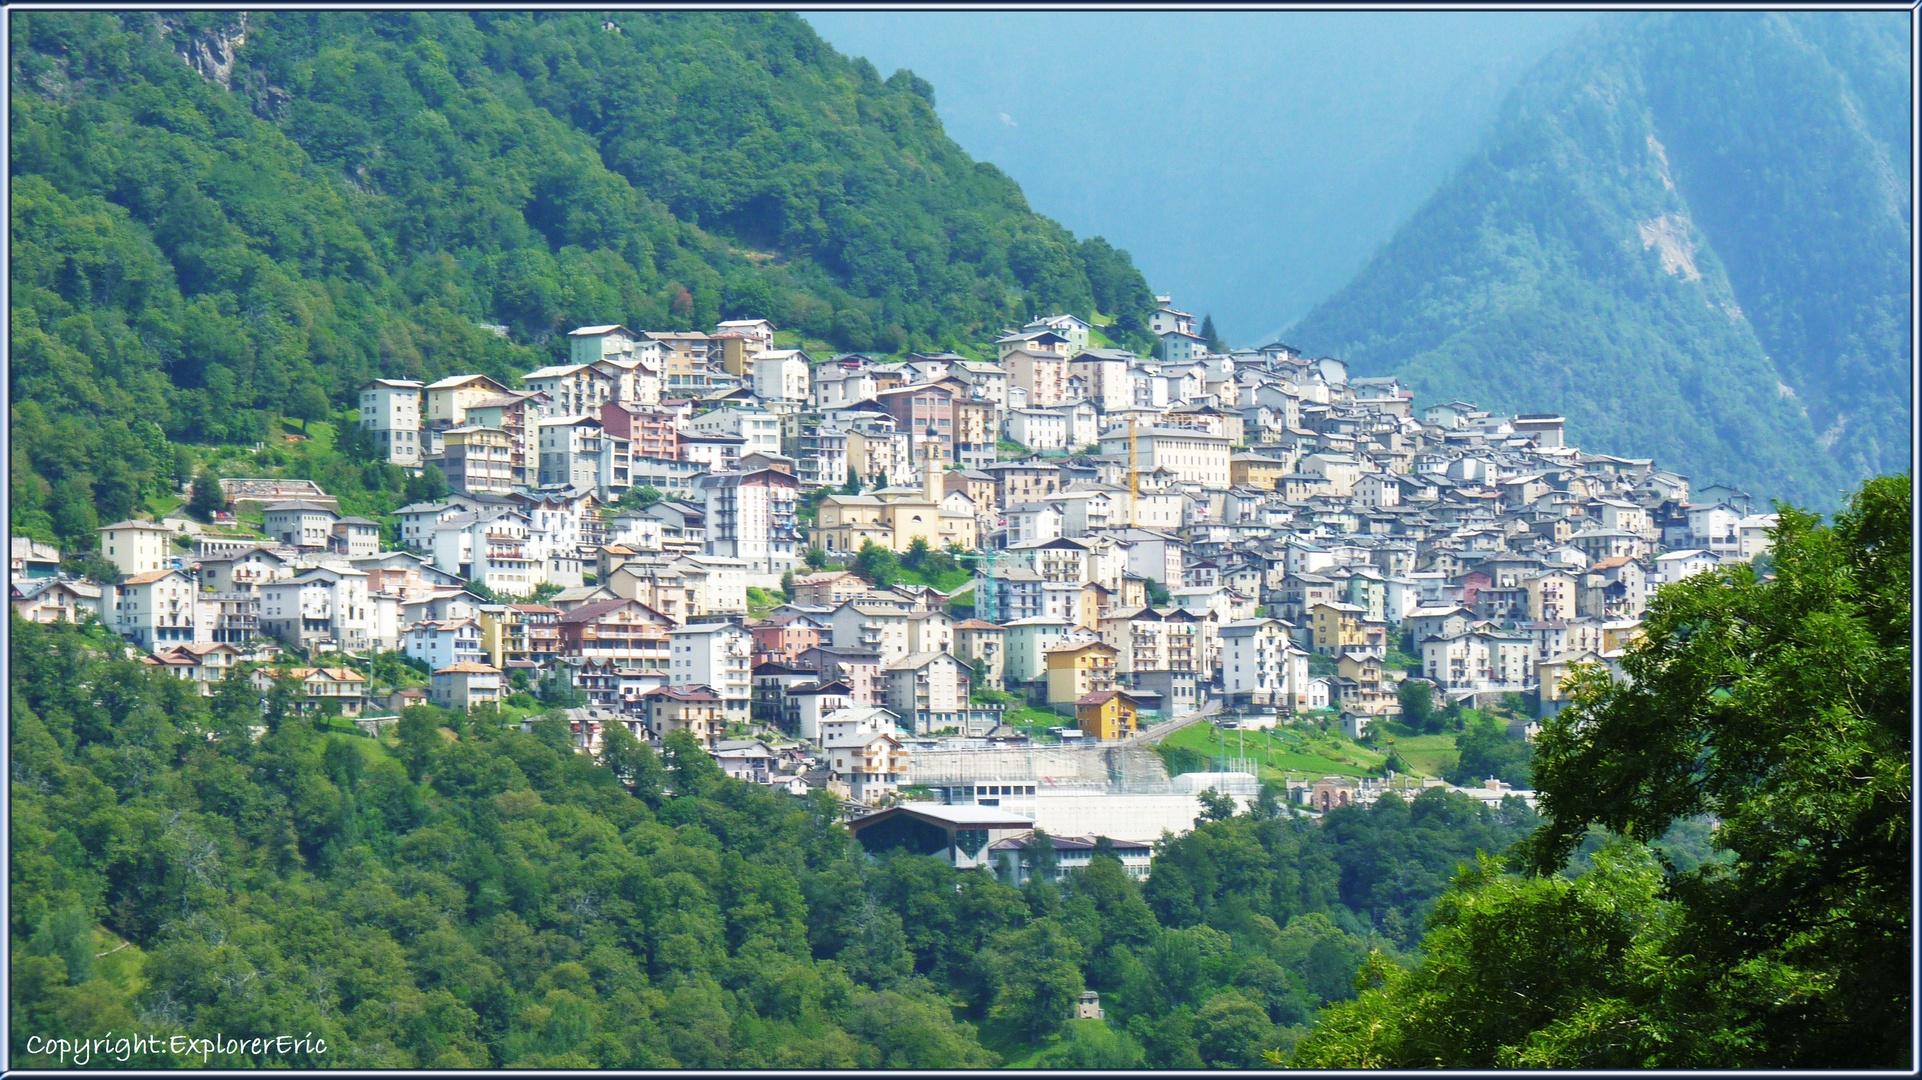 Finero im Valle Canobbio.................